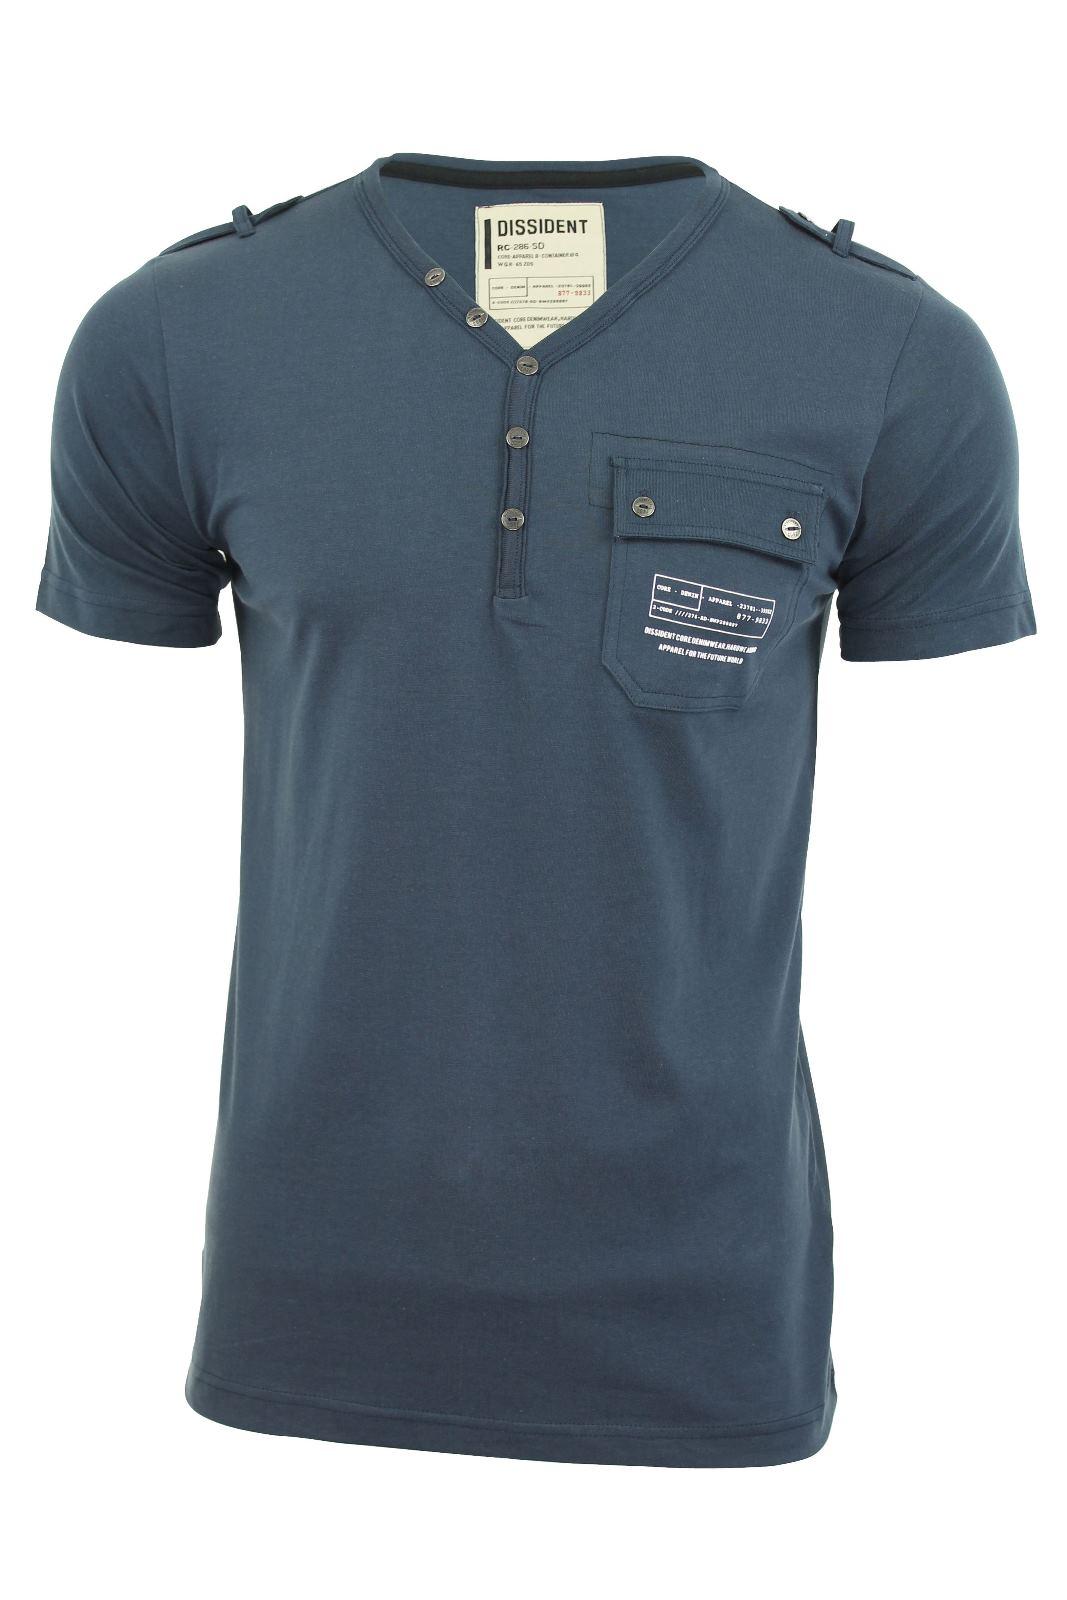 Dissident-Mens-T-Shirt-039-Fender-039-Short-Sleeved